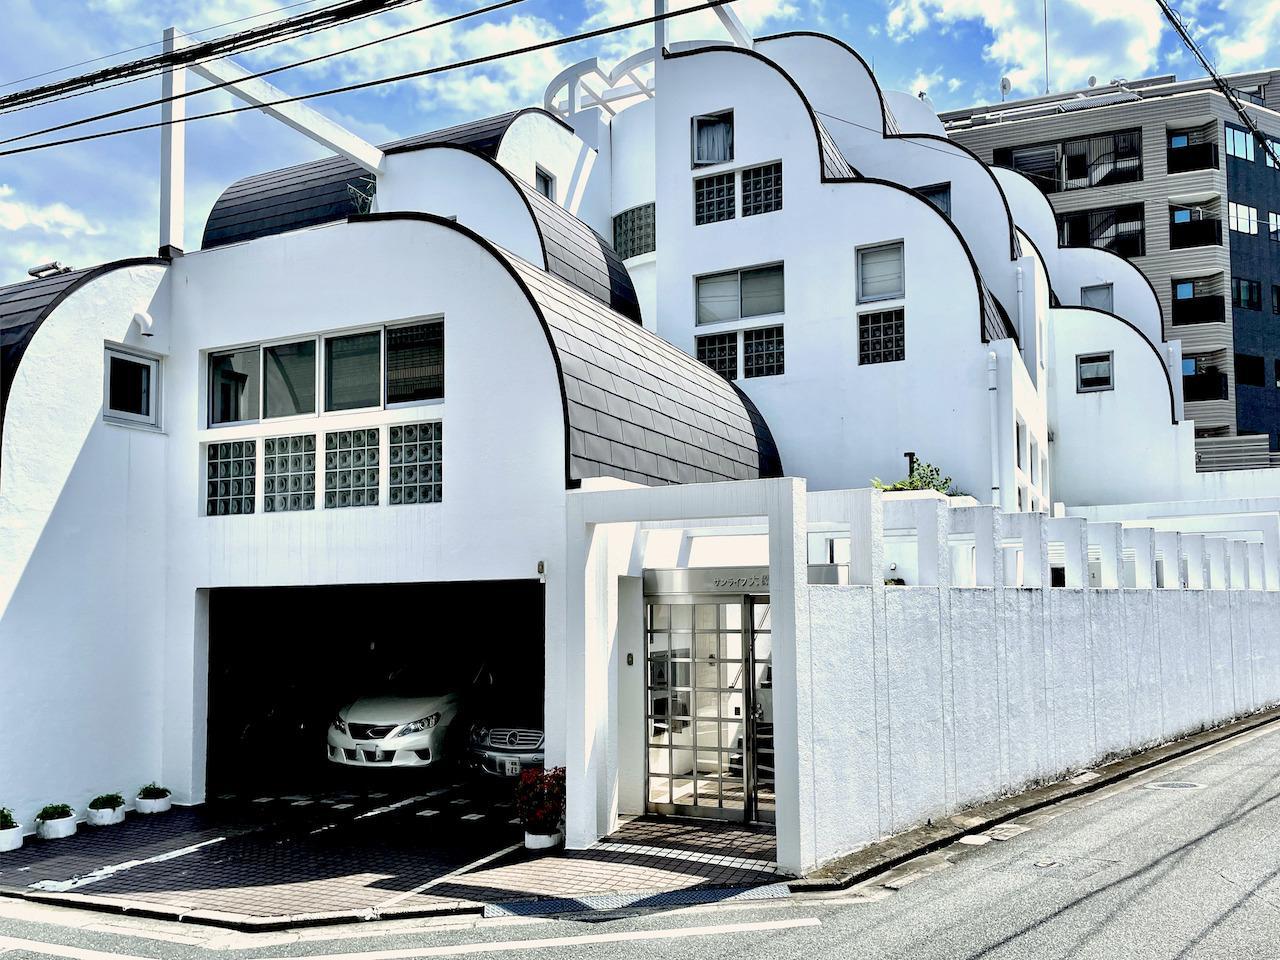 大濠に佇む名建築 (福岡市中央区大濠の物件) - 福岡R不動産